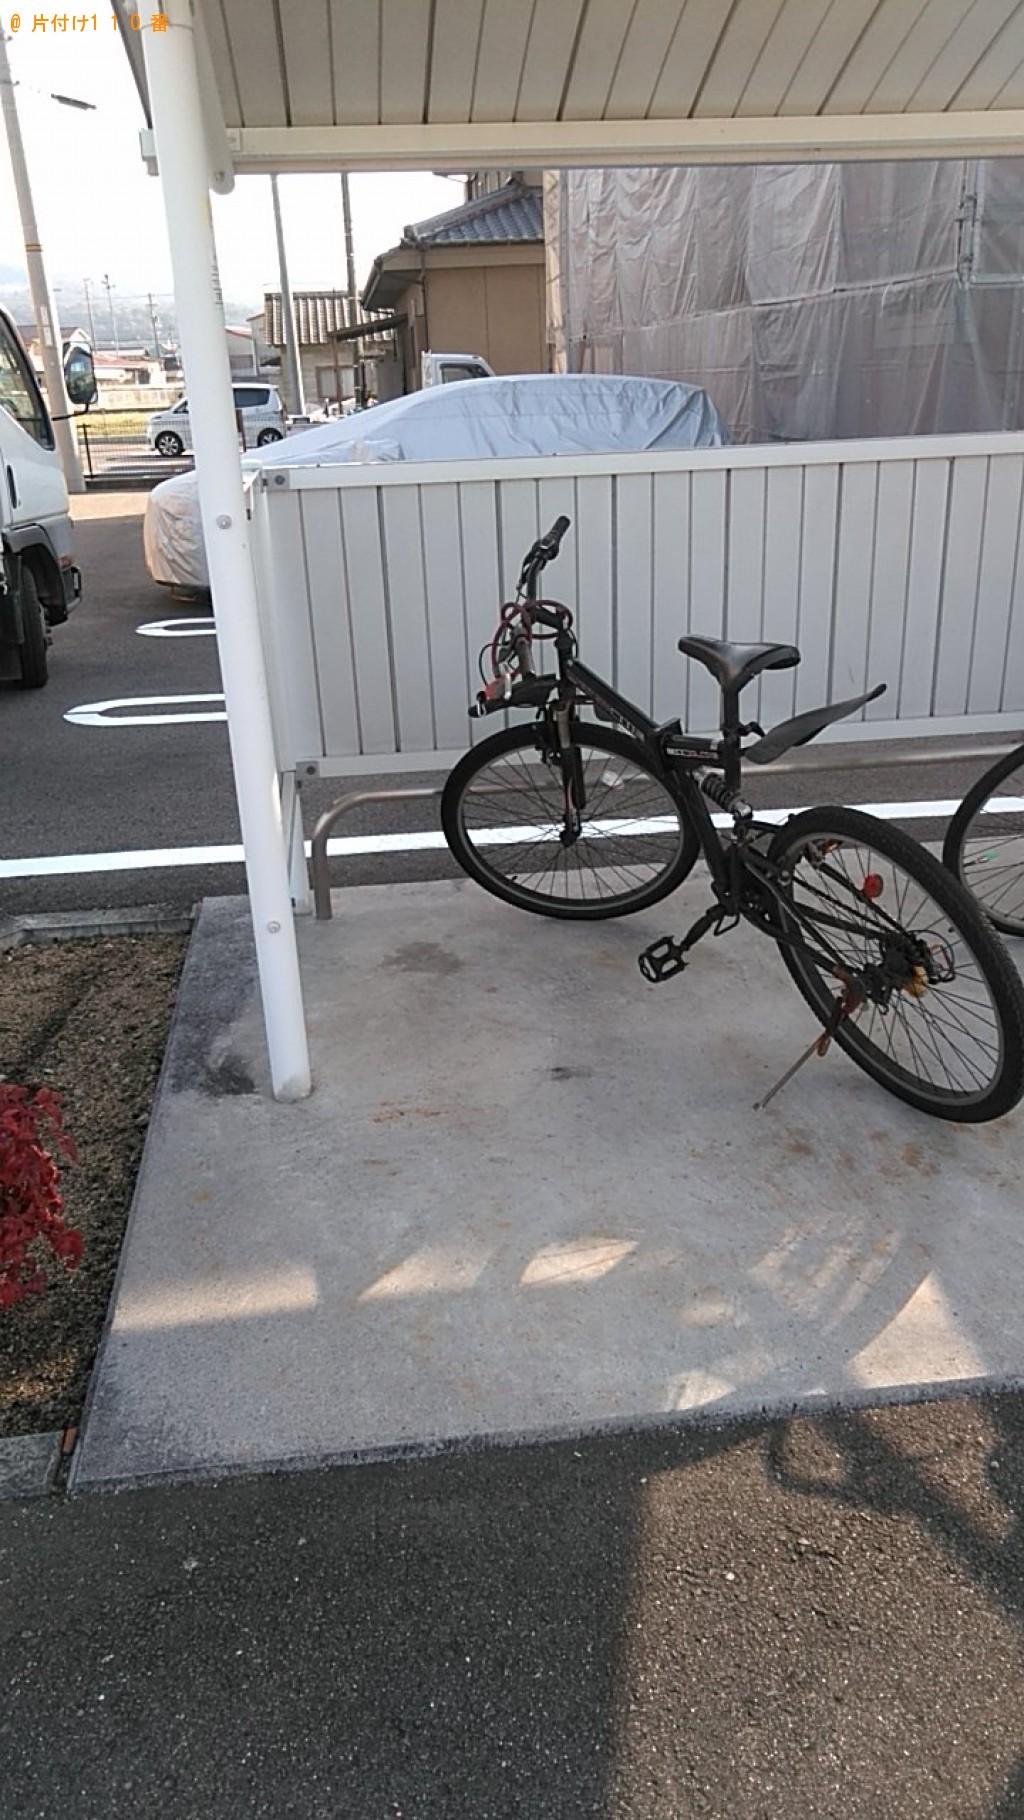 【西条市】電動自転車の回収・処分ご依頼 お客様の声